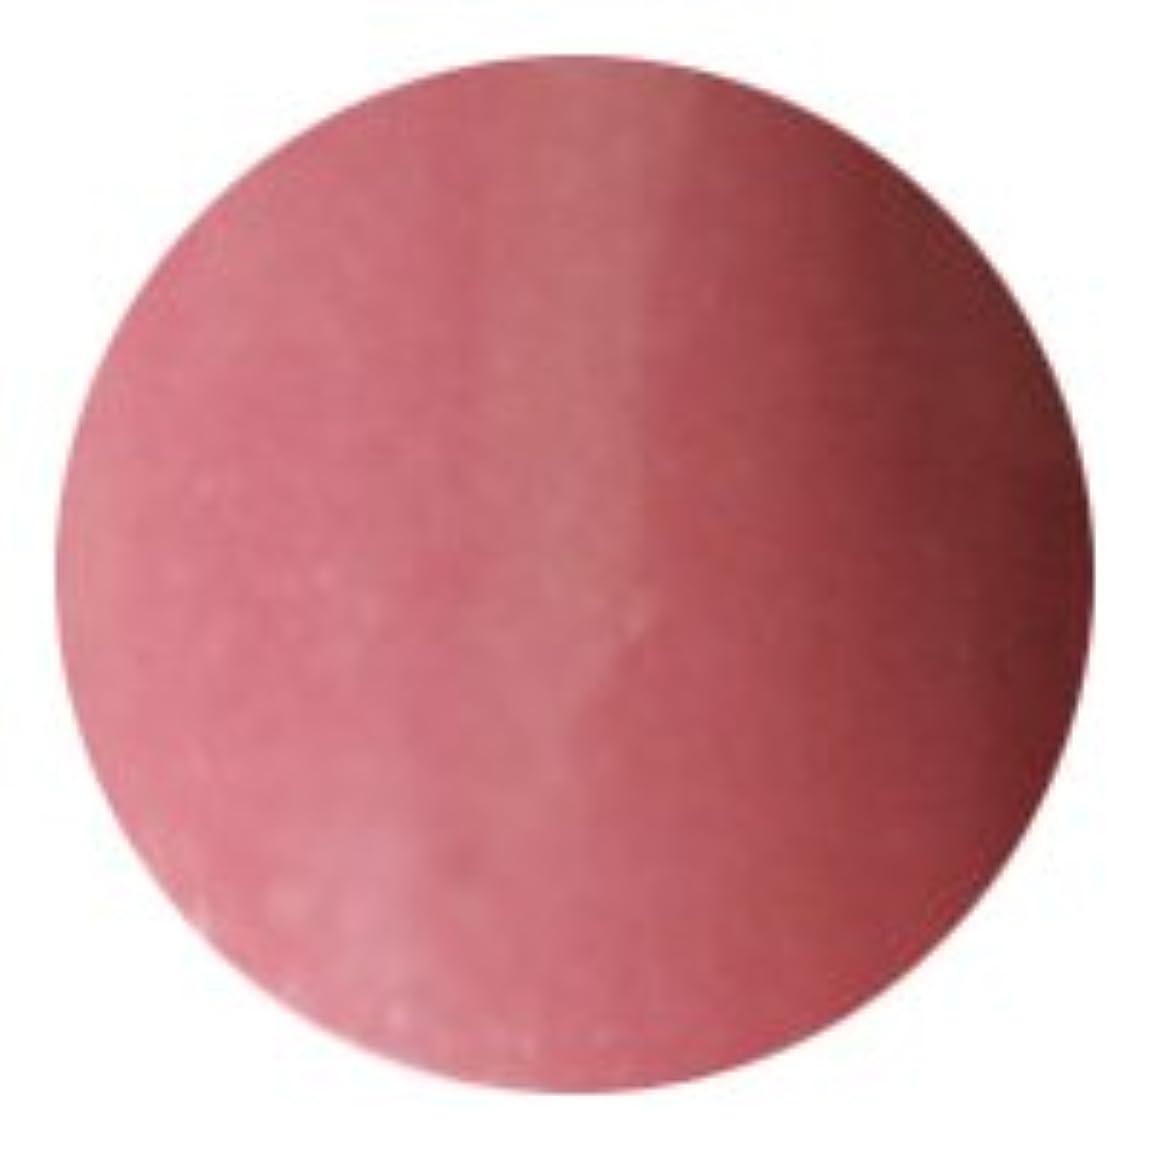 ご意見テーマ麻痺AKZENTZ(アクセンツ) UV/LED アイスカラーズ 4g<BR>UL 010 デザートローズ